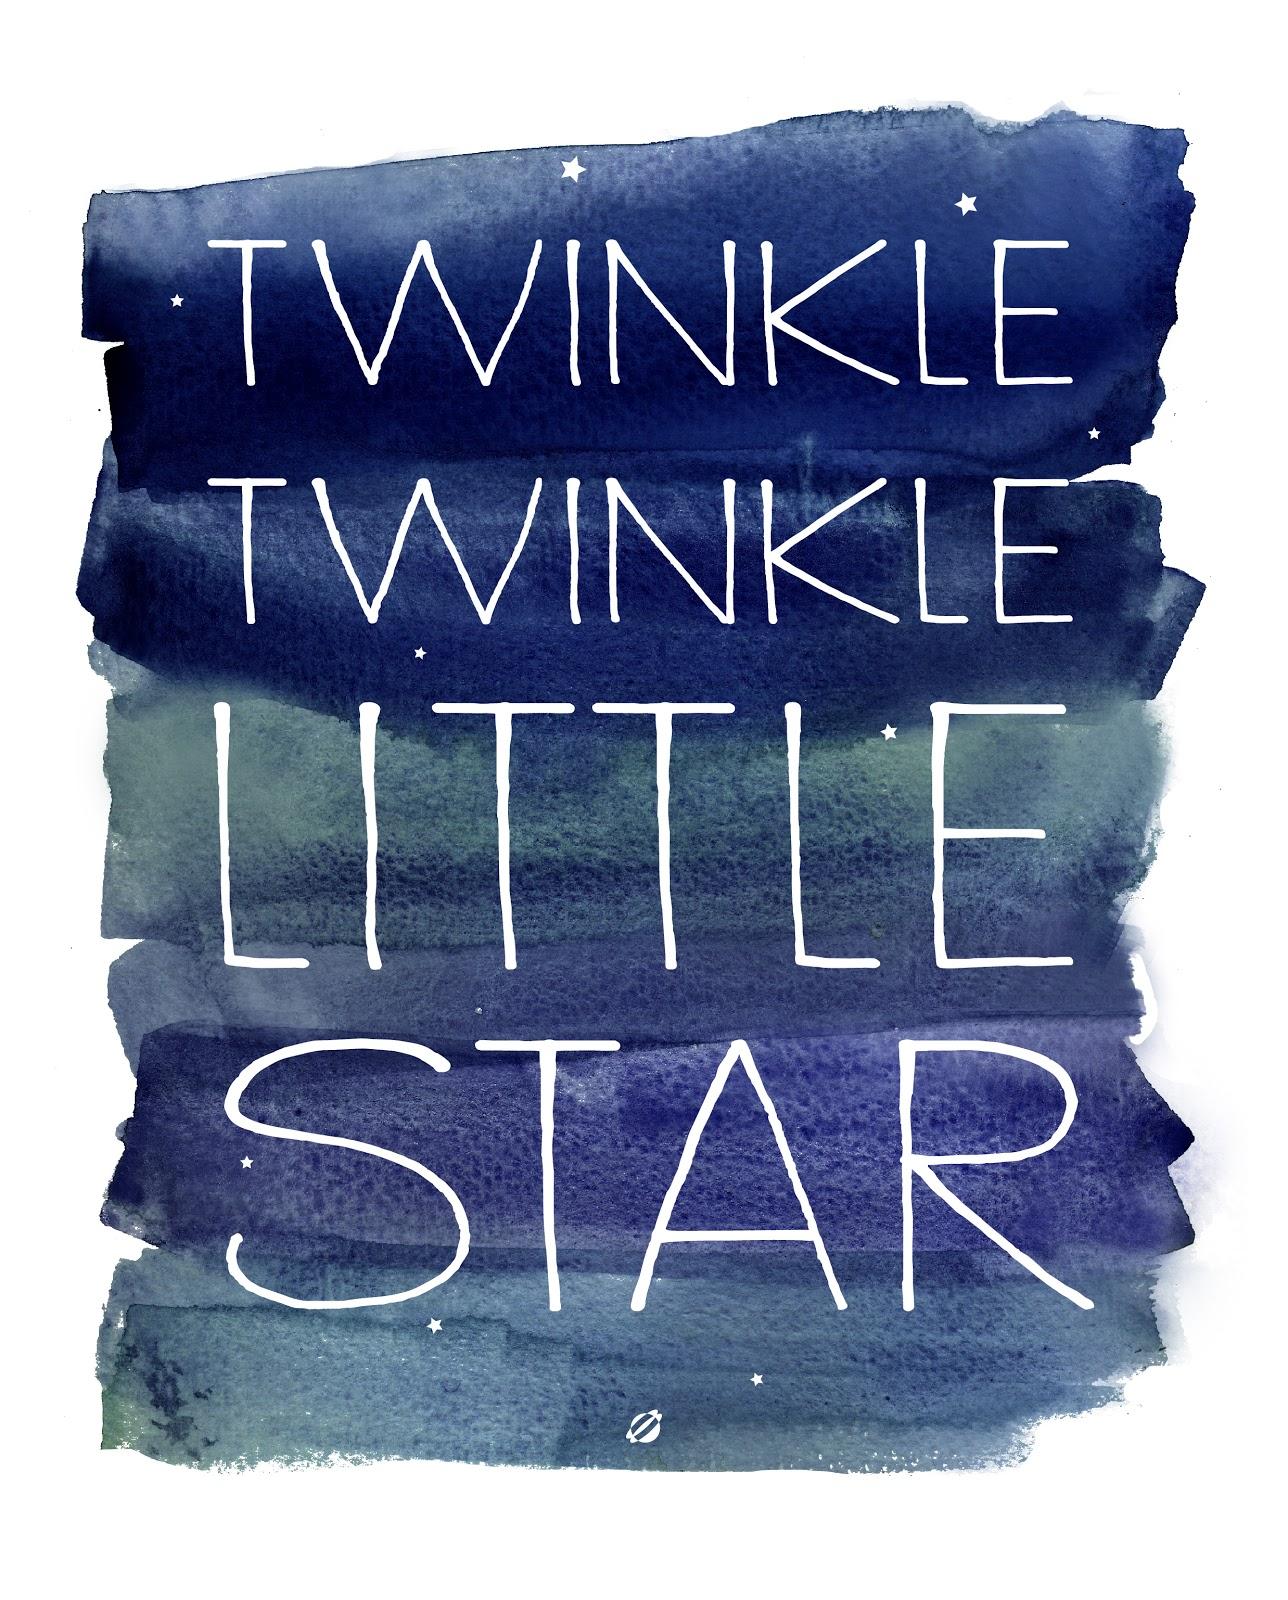 LostBumblebee 2013 Twinkle Twinkle